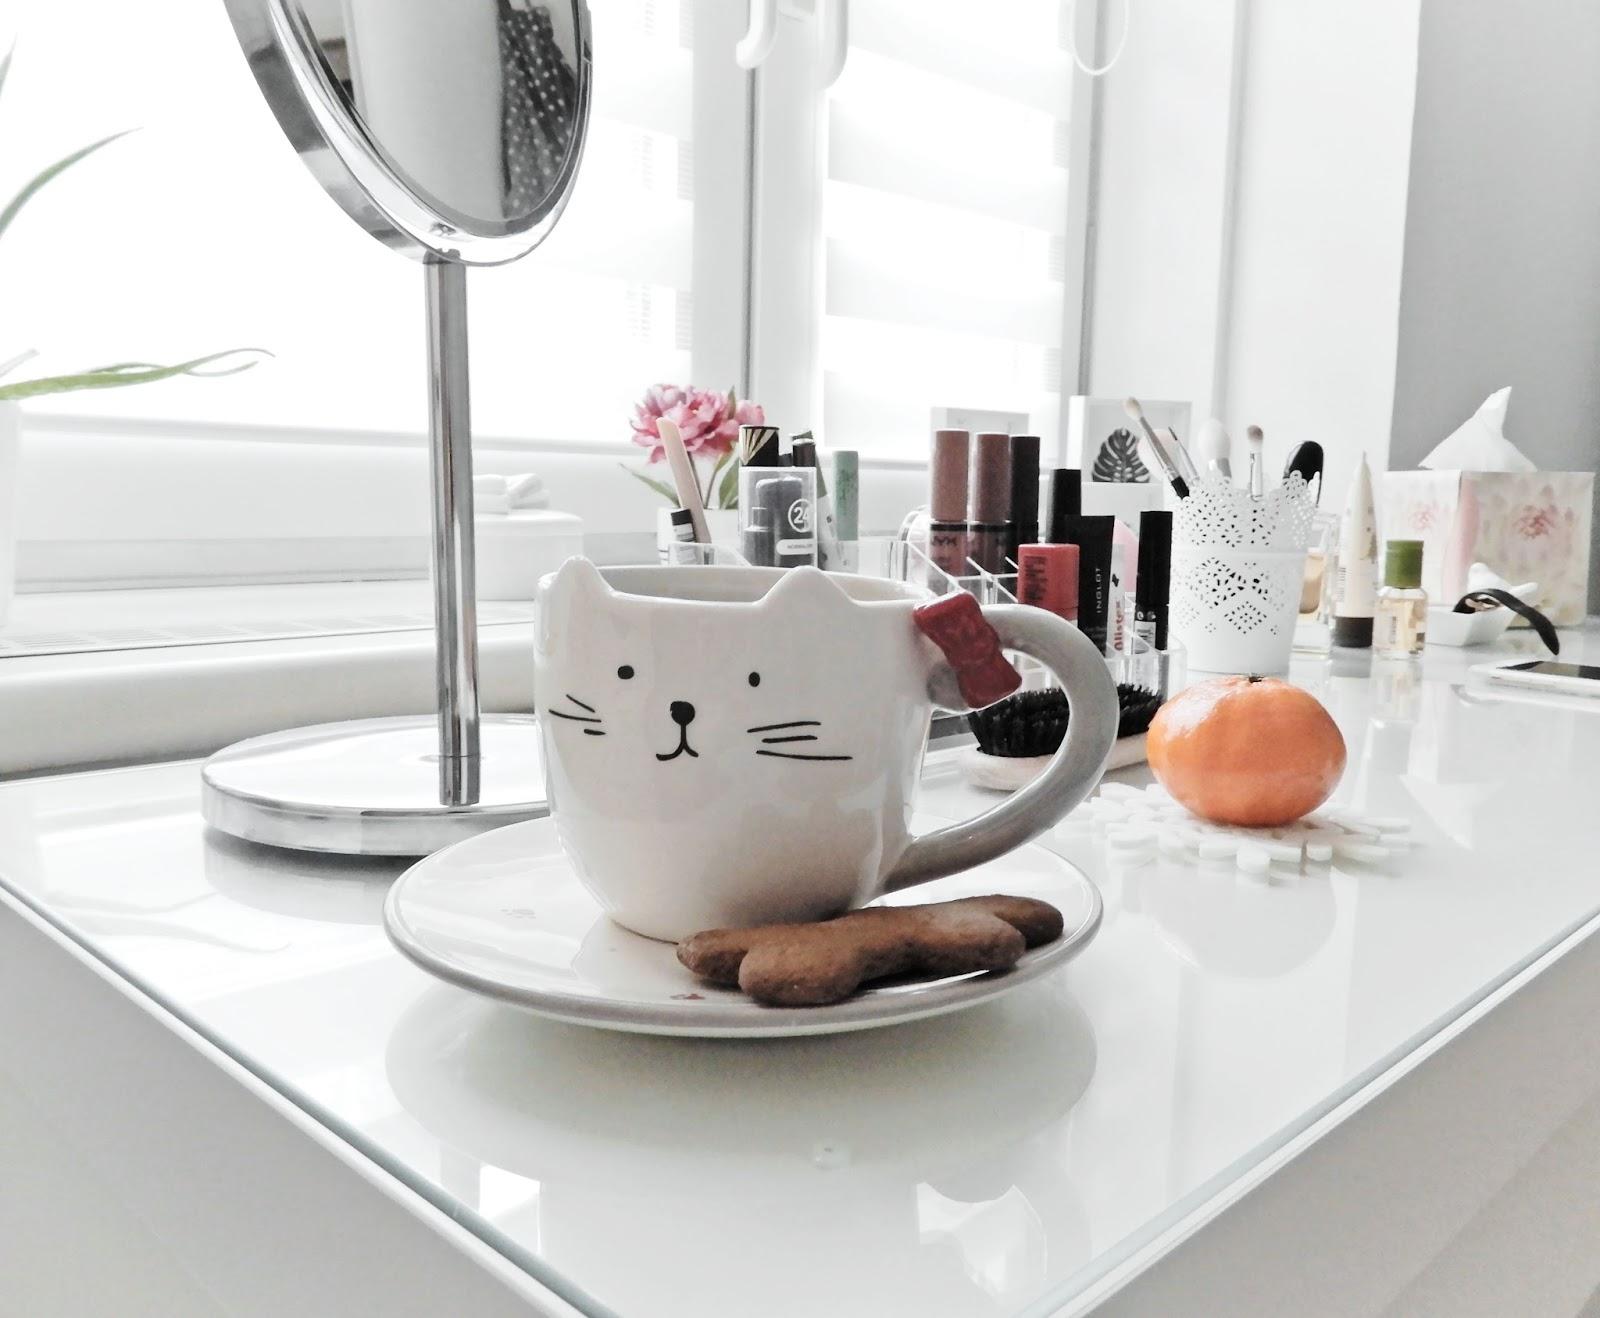 toaletka, biała toaletka, toaletka malm ikea, ikea, ikea toaletka, komoda alex, organizacja i przechowywanie kosmetyków, meble ikea,